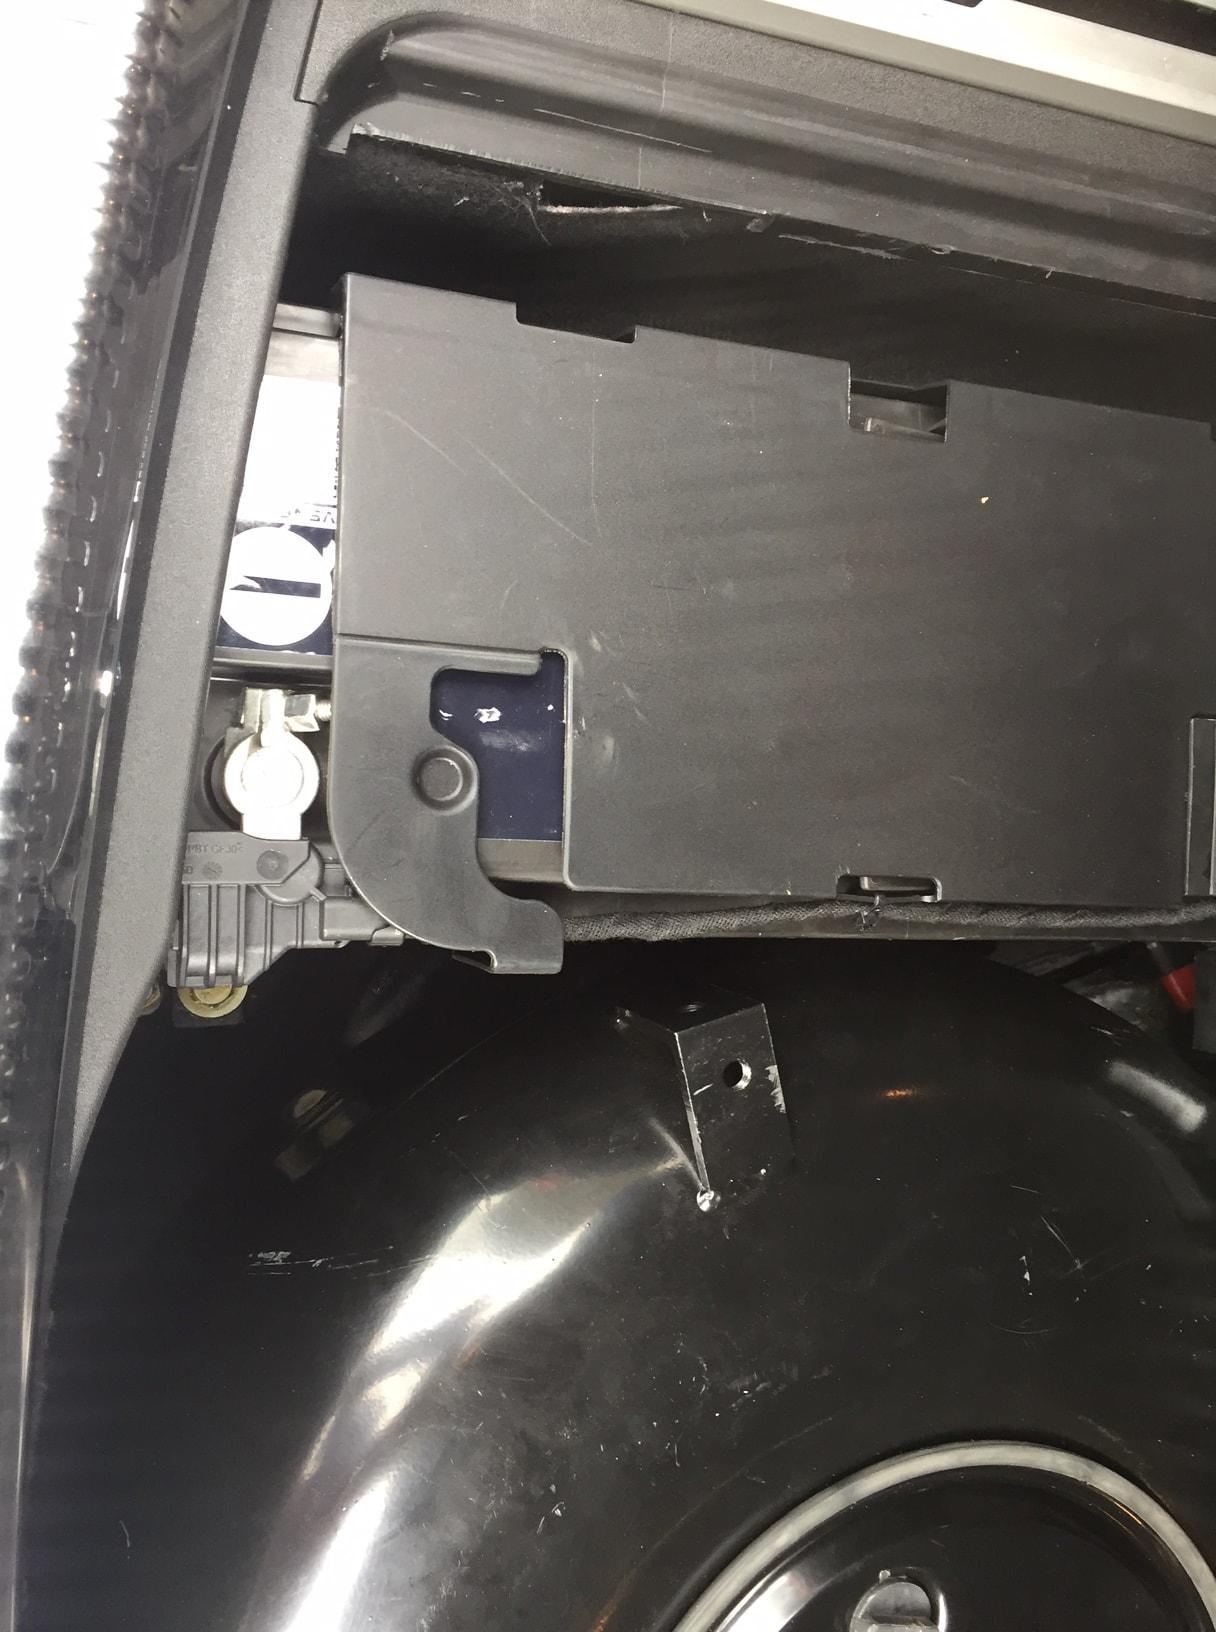 Autogas_R115-Umrüstung-auf-LPG-Autogas_Audi-A6-4G-2,0TSI-Direkteinspritzer-Tank2